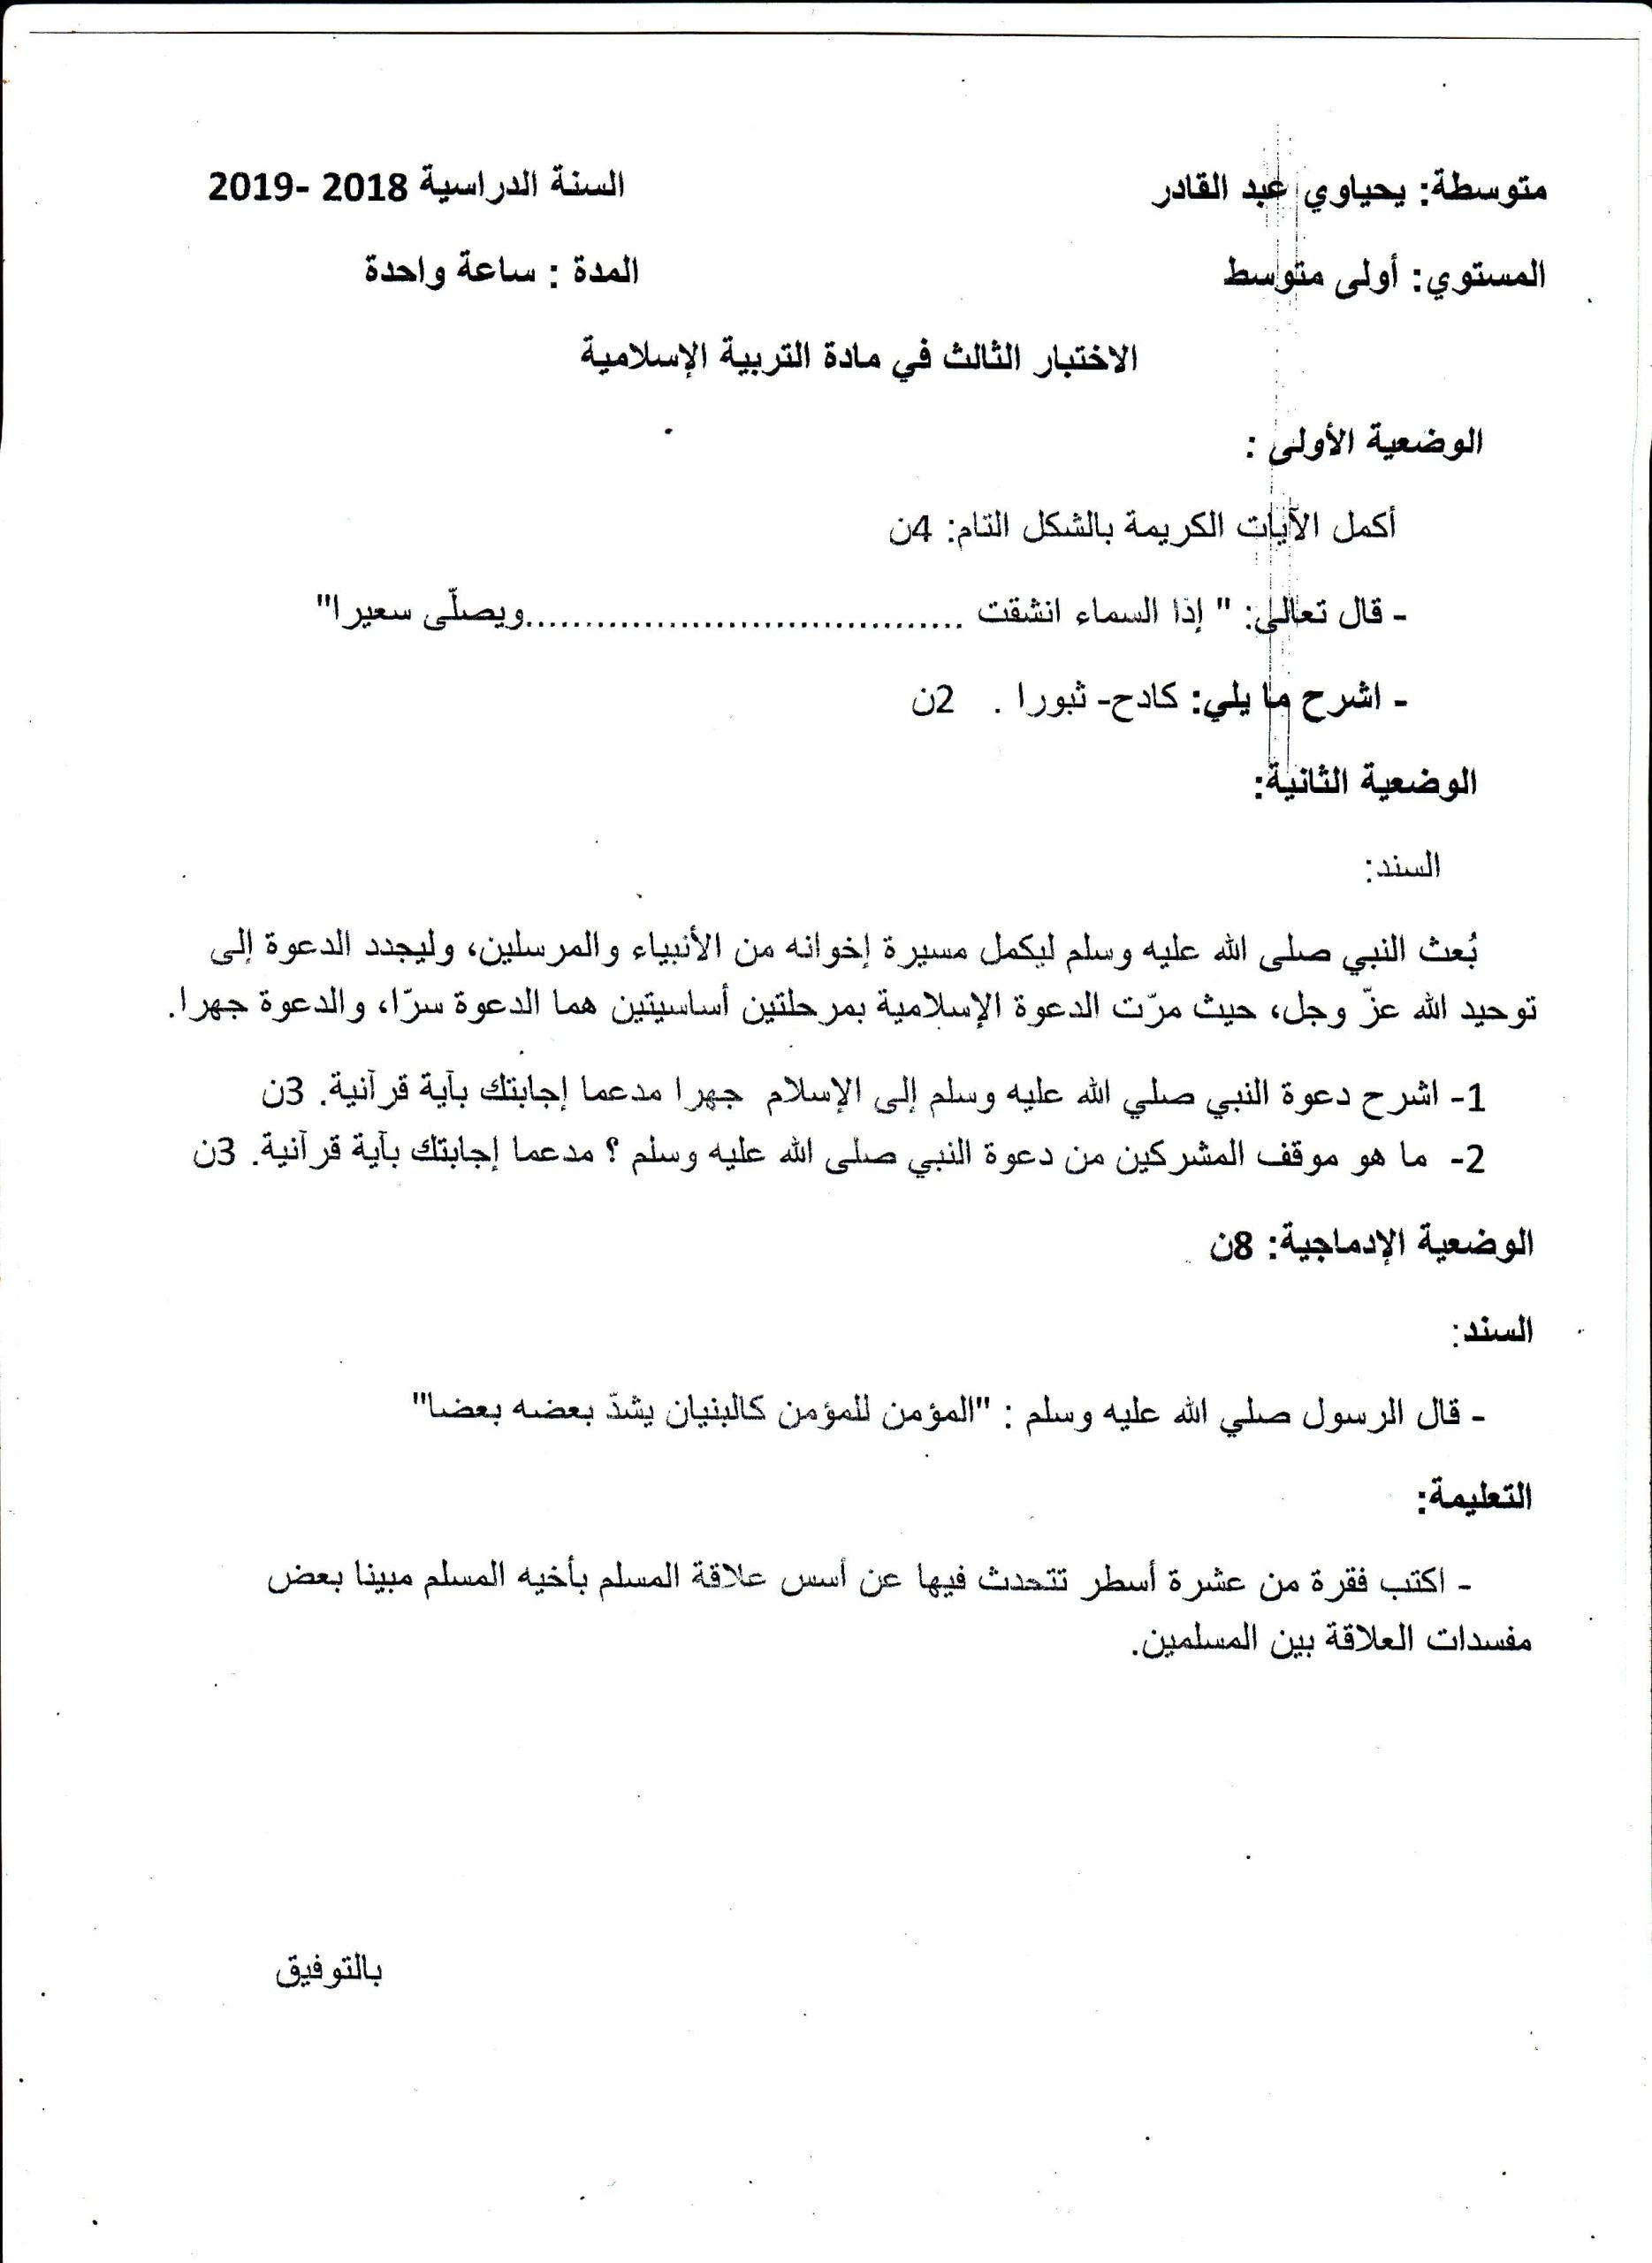 اختبار الفصل الثالث في التربية الاسلامية للسنة الأولى متوسط - الموضوع 02